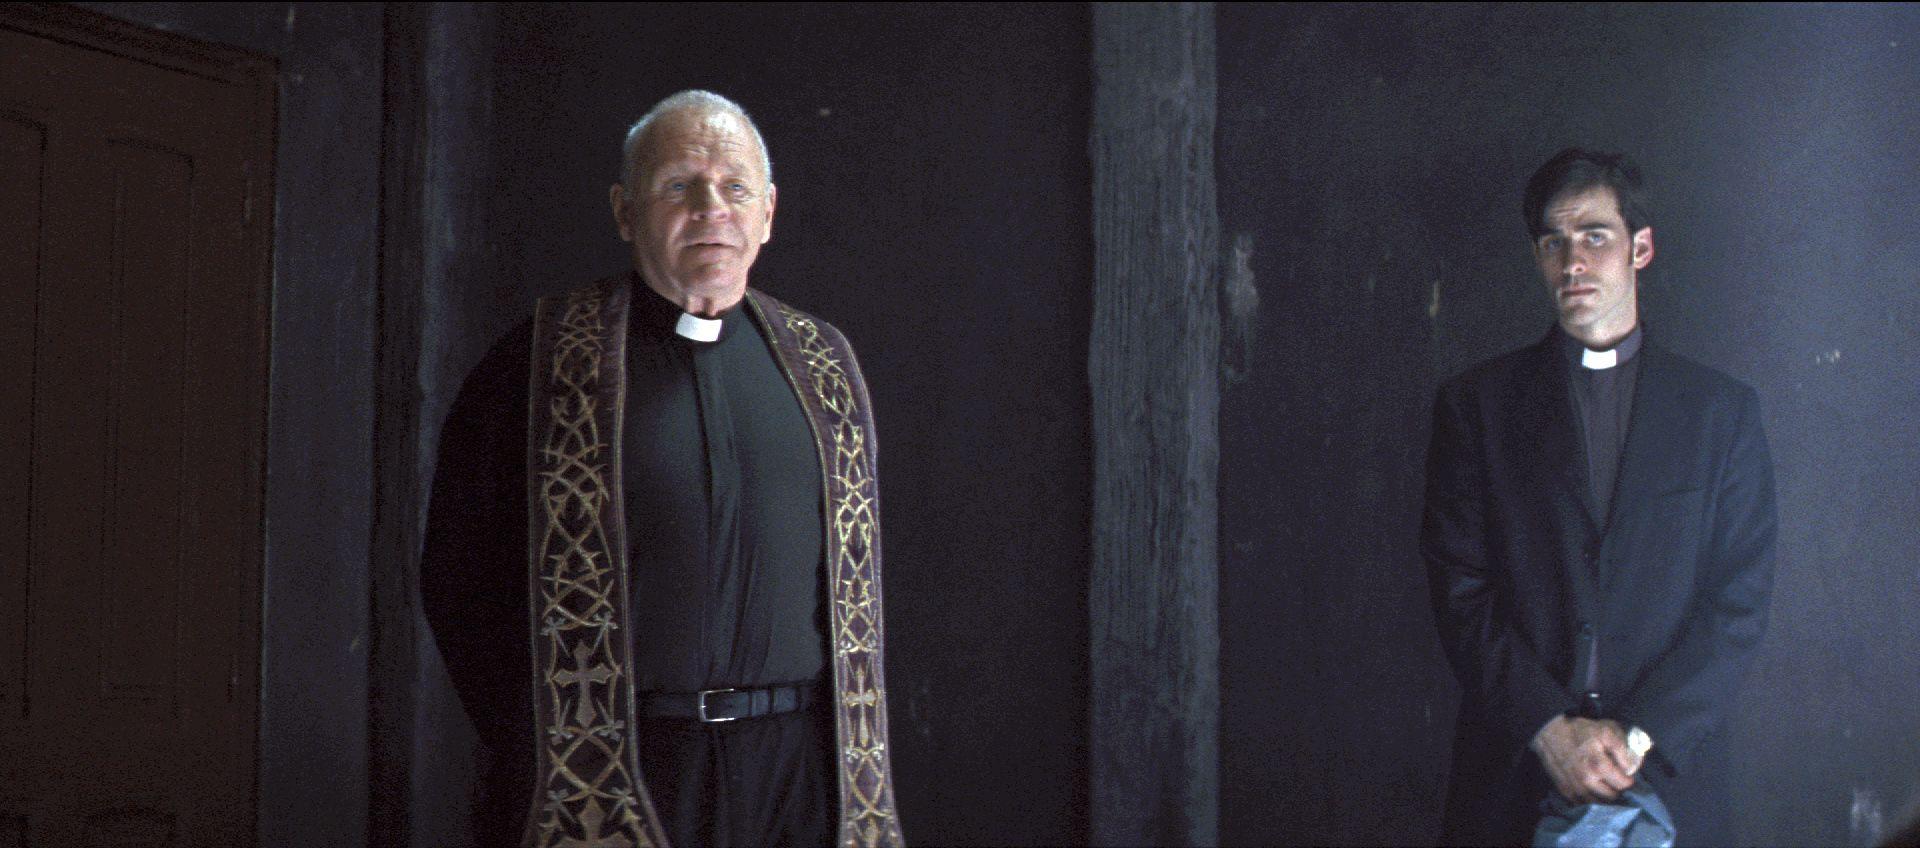 بررسی و تحلیل فیلم the rite 2011 ( تشریفات مذهبی)